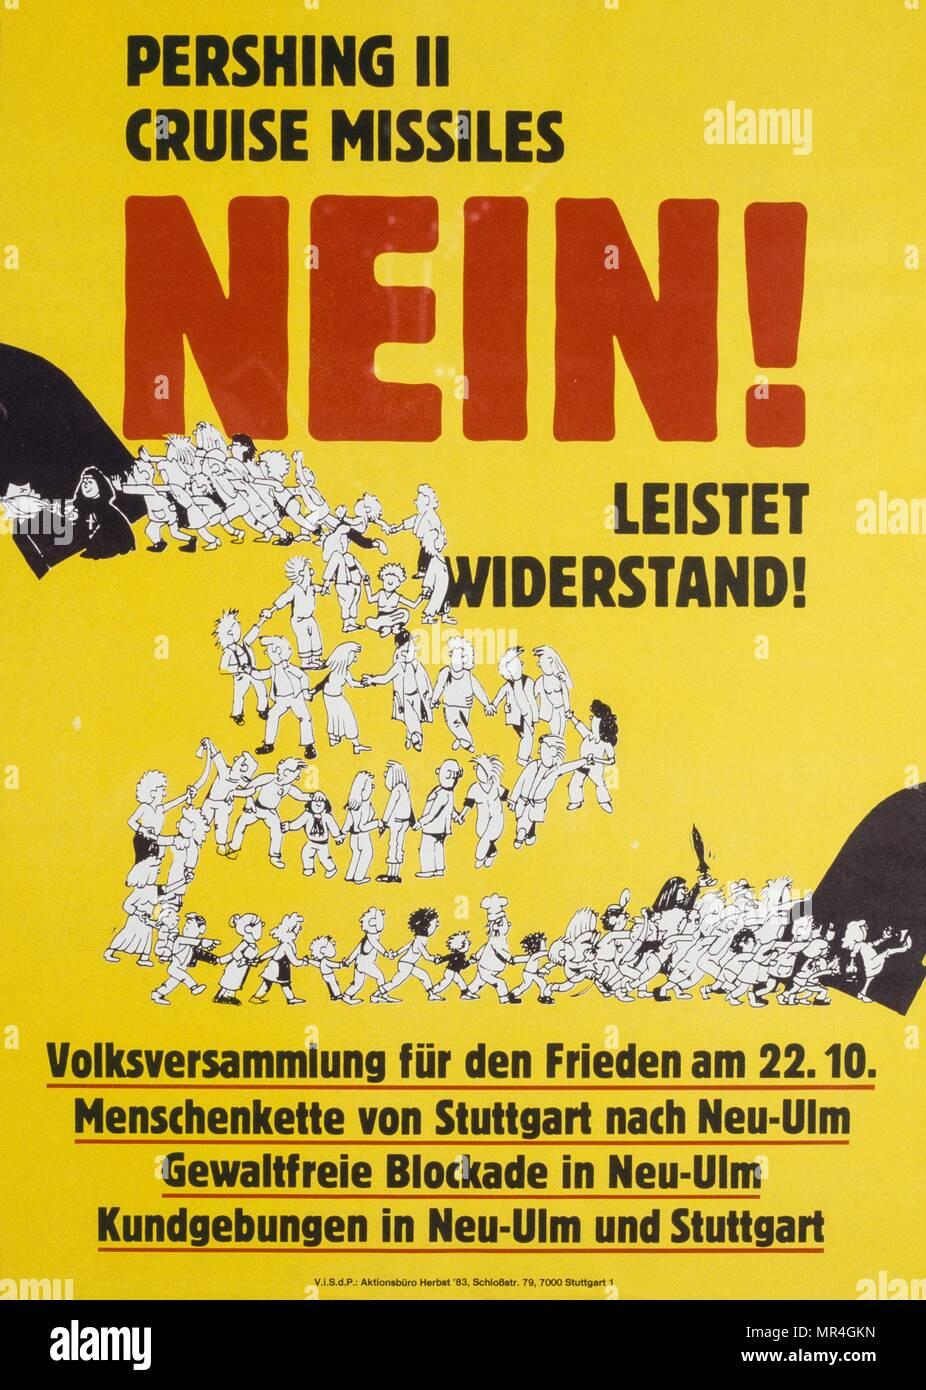 Cartel alemán haciendo campaña a favor de la paz 1981, producido durante la guerra fría Imagen De Stock